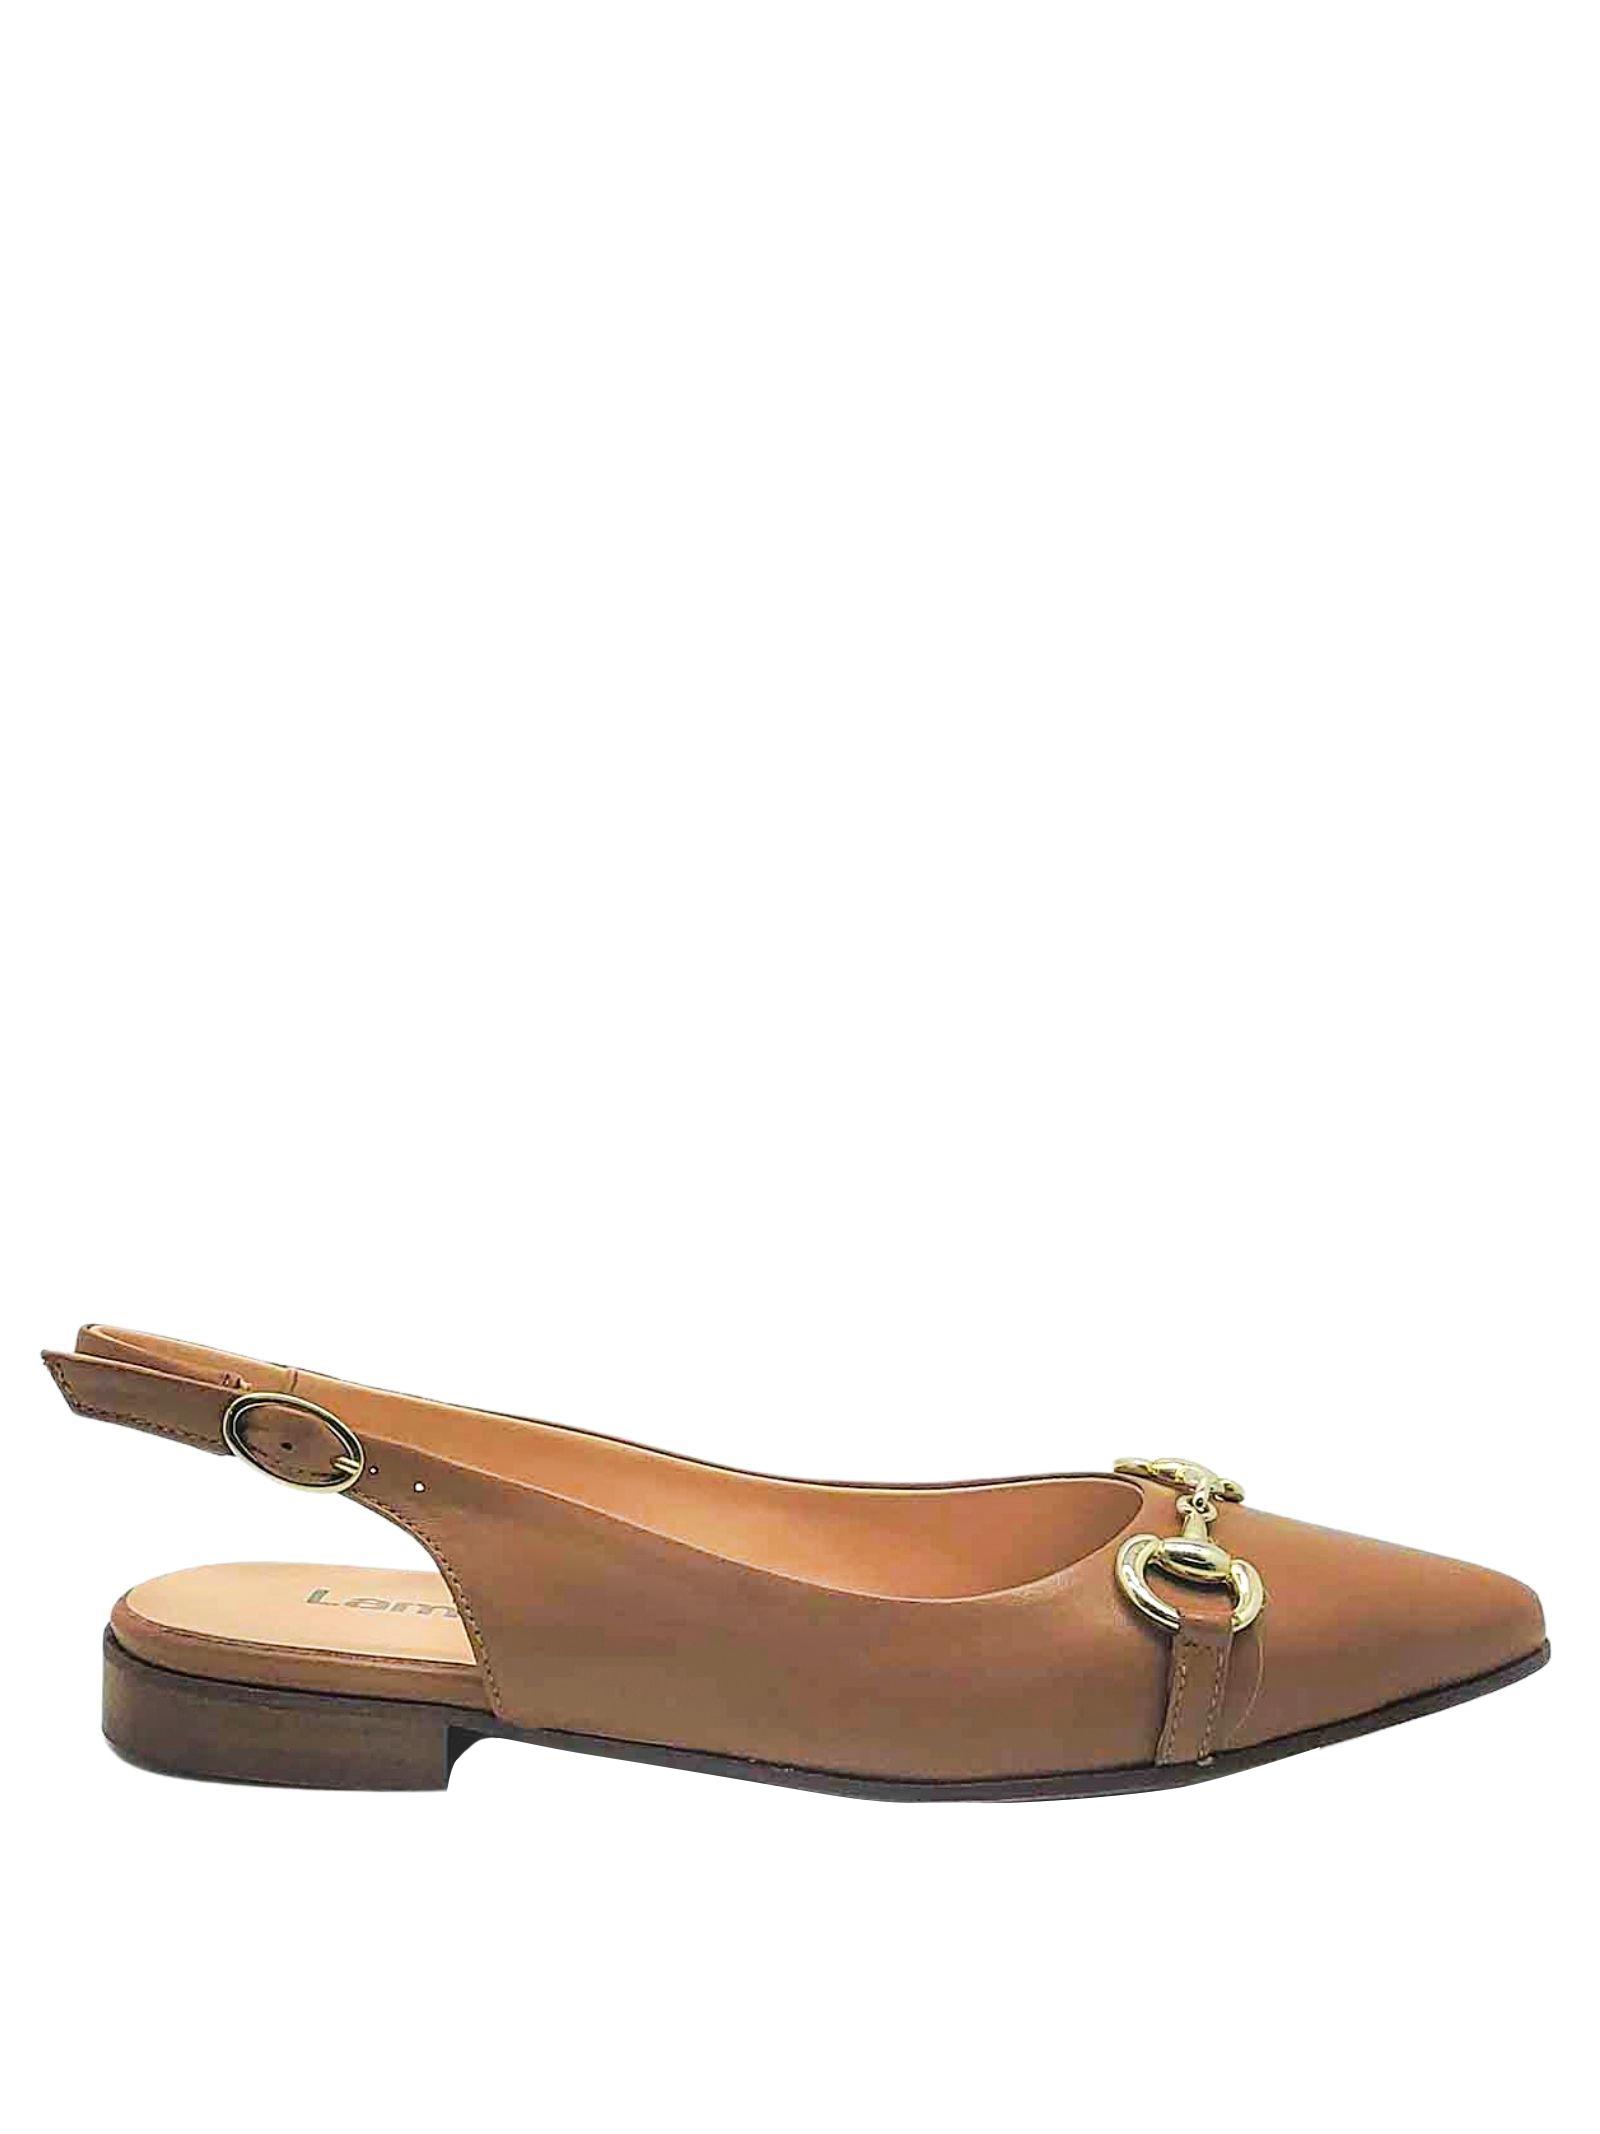 Calzature Donna Chanel in Pelle Cuoio con Morsetto in Oro e Tacco Basso Lamica | Décolleté | SINTA014